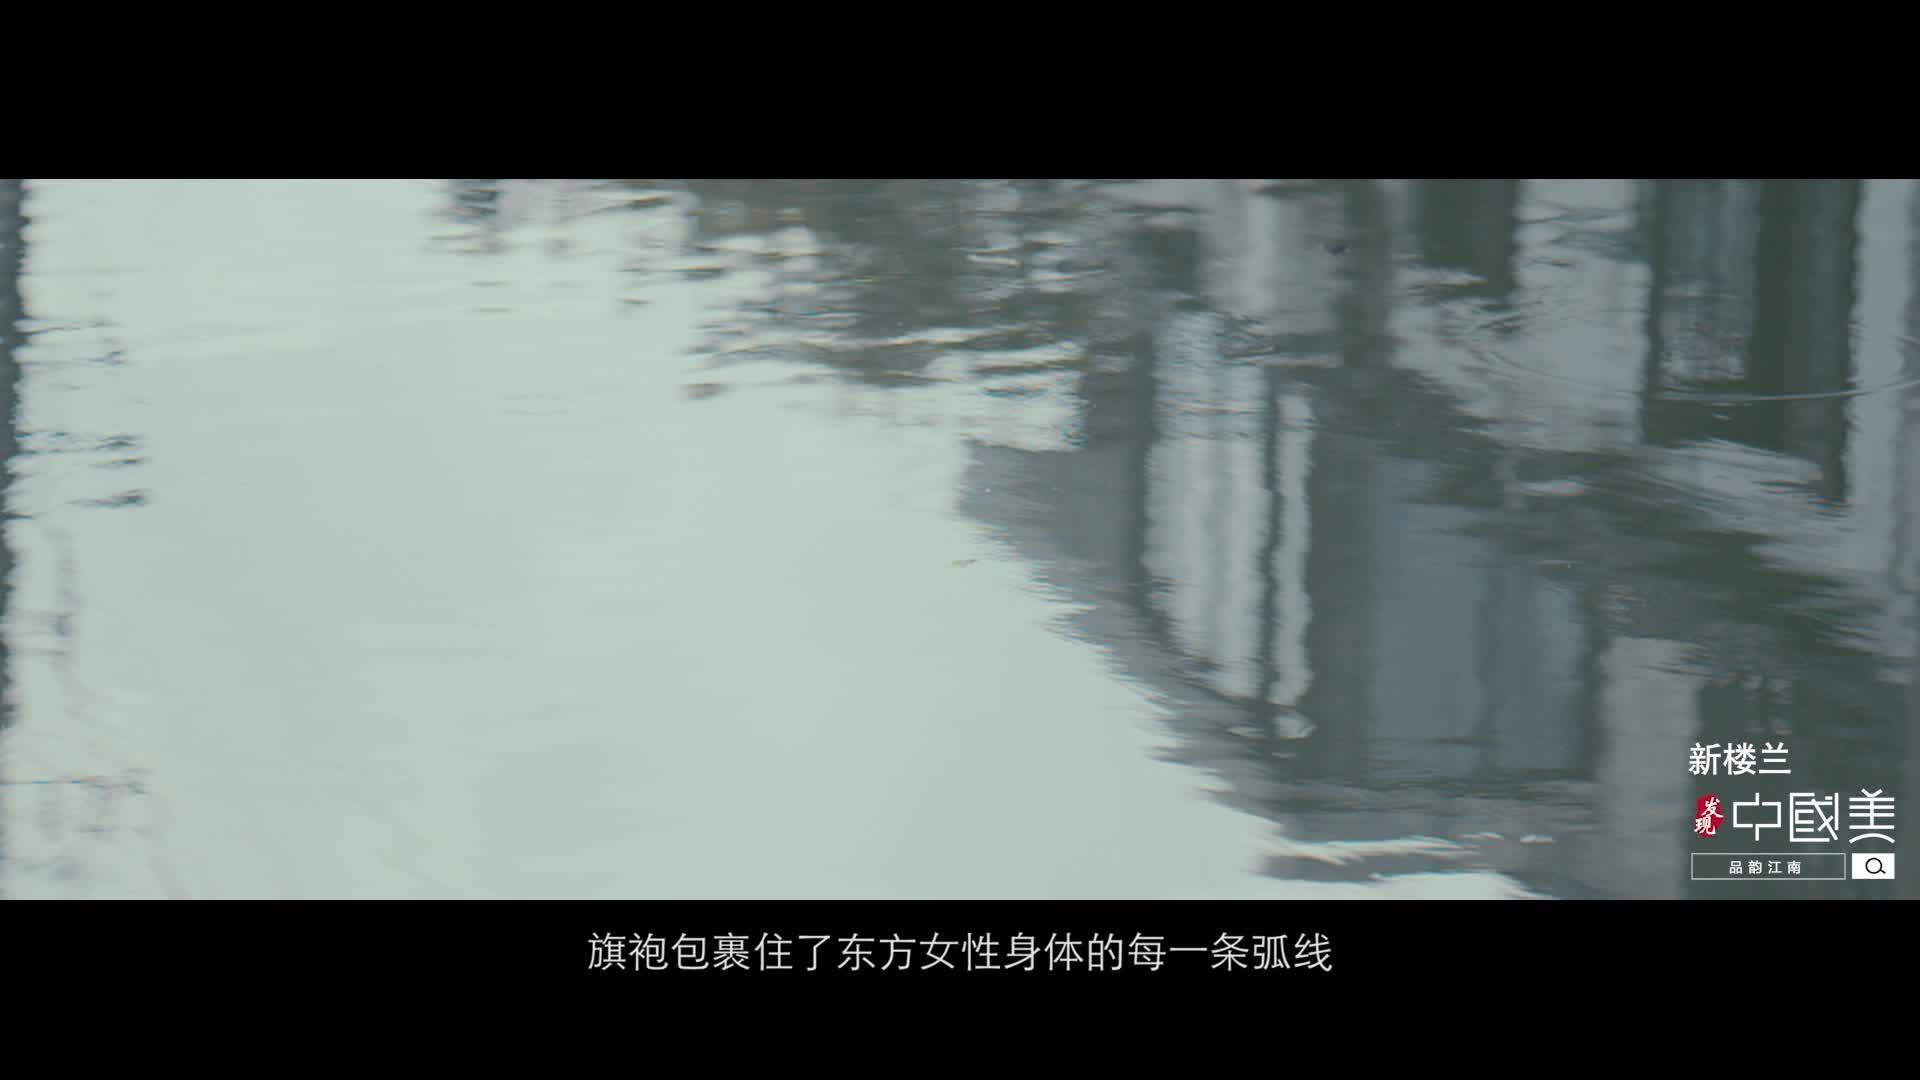 楼兰发现美第一季视频